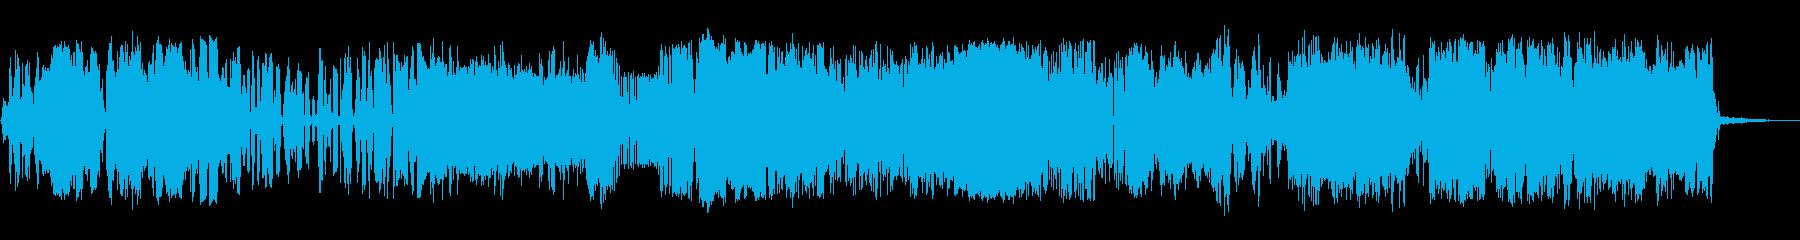 静的メジャーの再生済みの波形